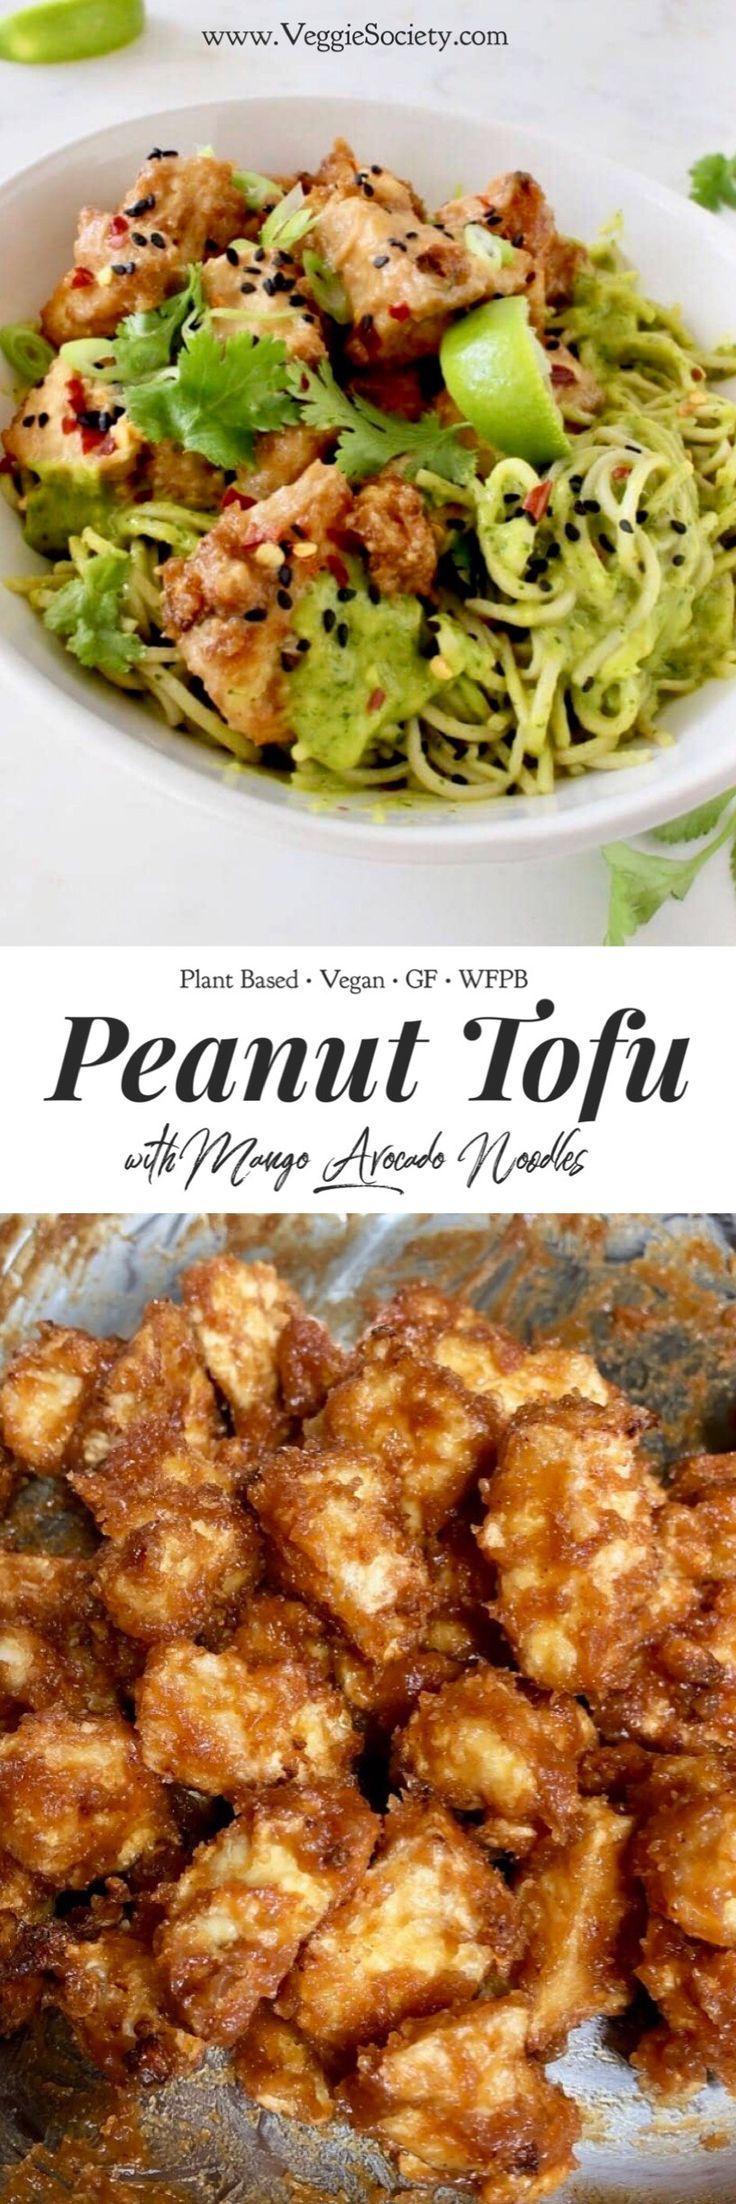 Air fried peanut butter tofu with mango avocado so…